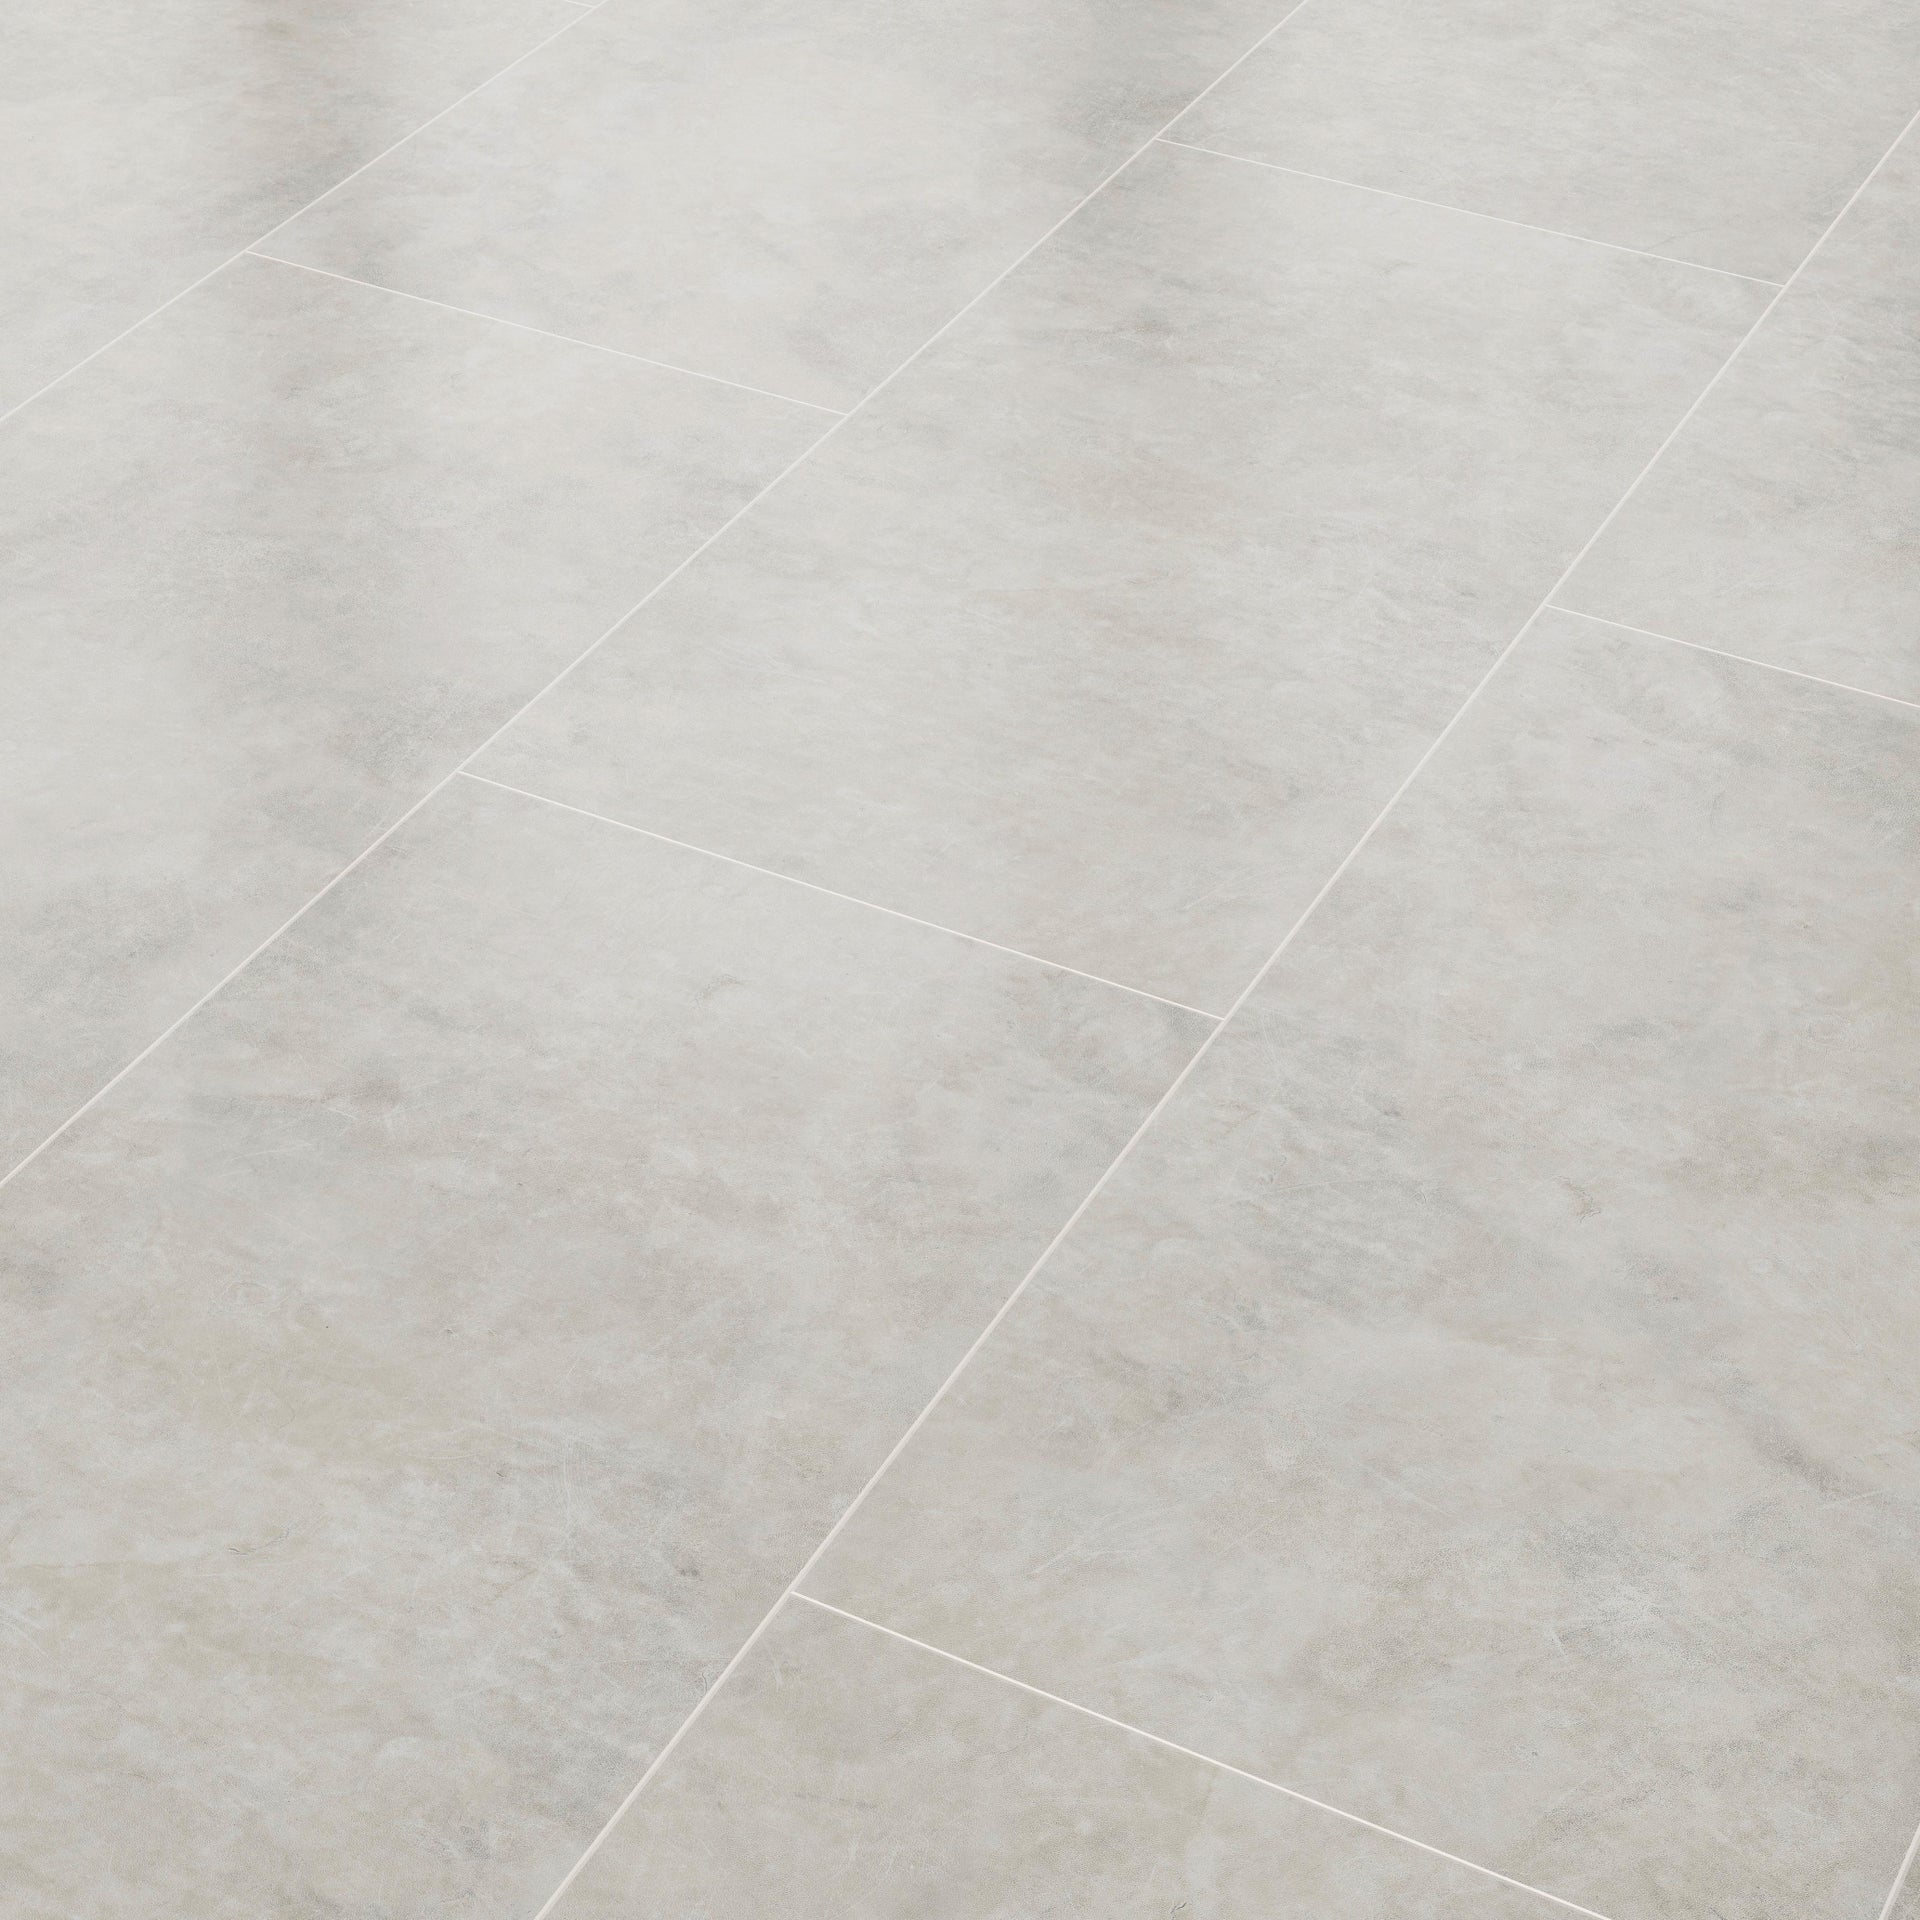 Pavimento SPC flottante clic+ Pietra Nova Salto Sp 4.5 mm bianco - 3